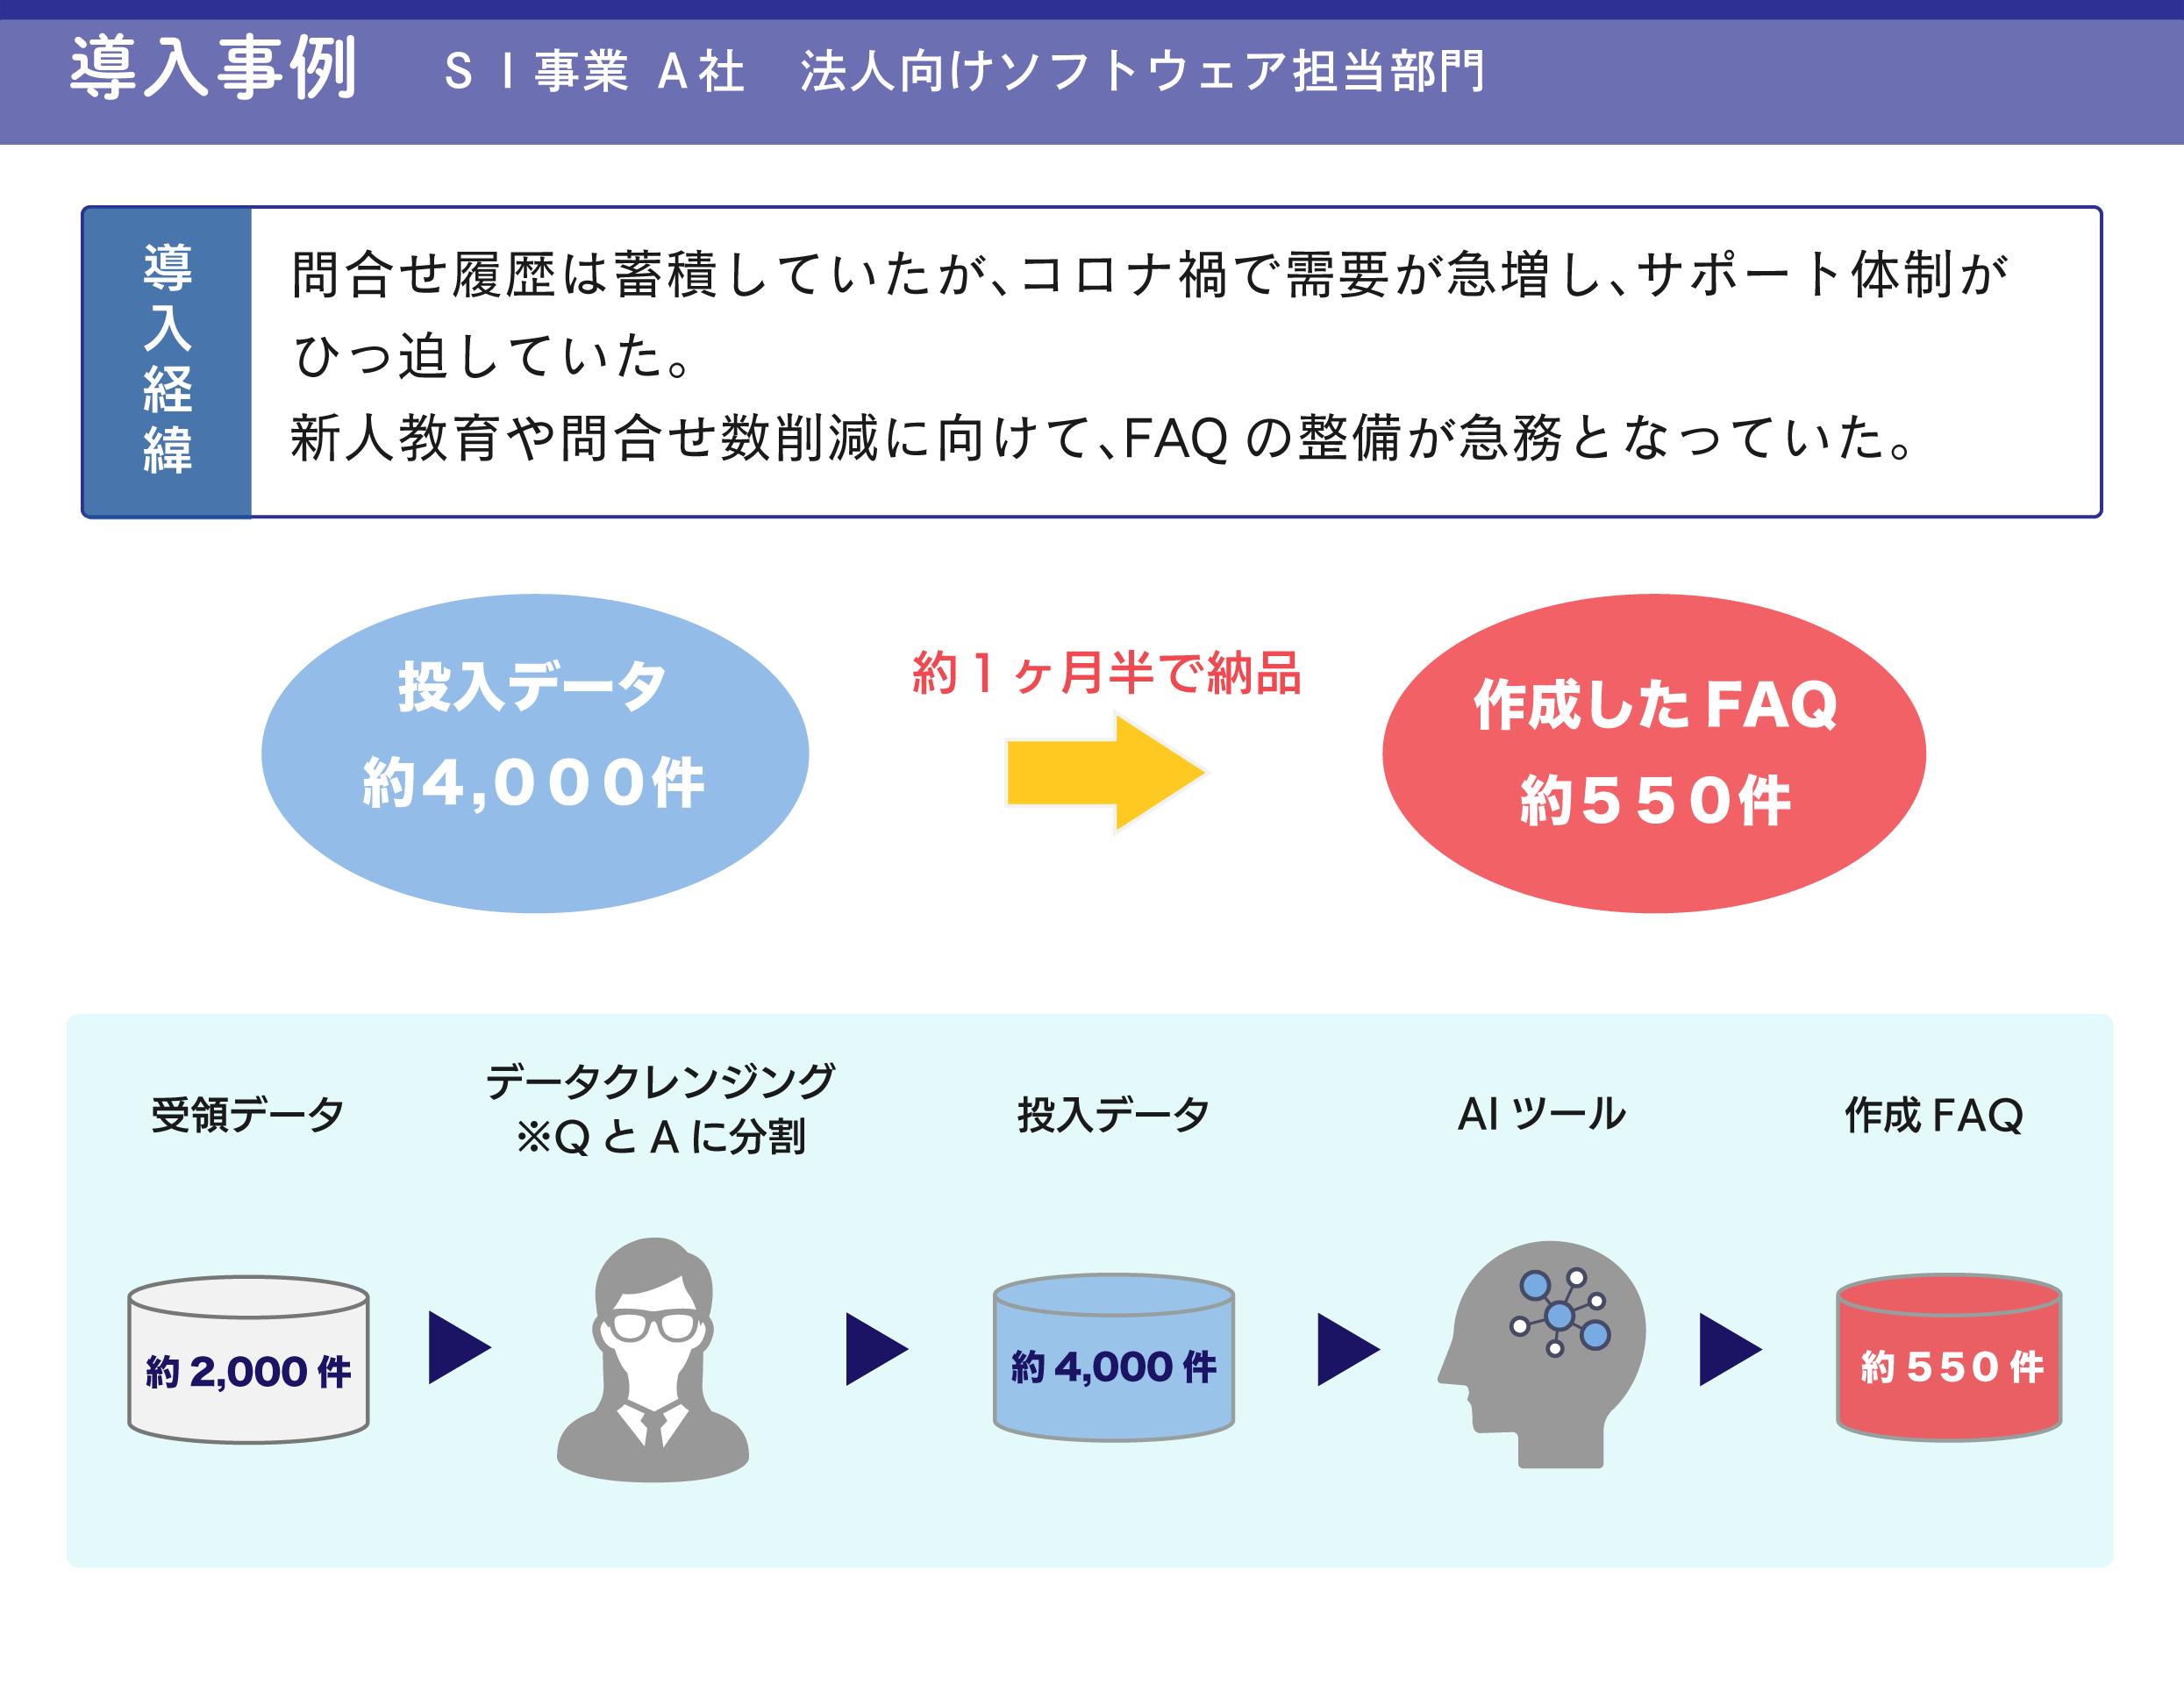 AI_FAQ讒狗ッ・4